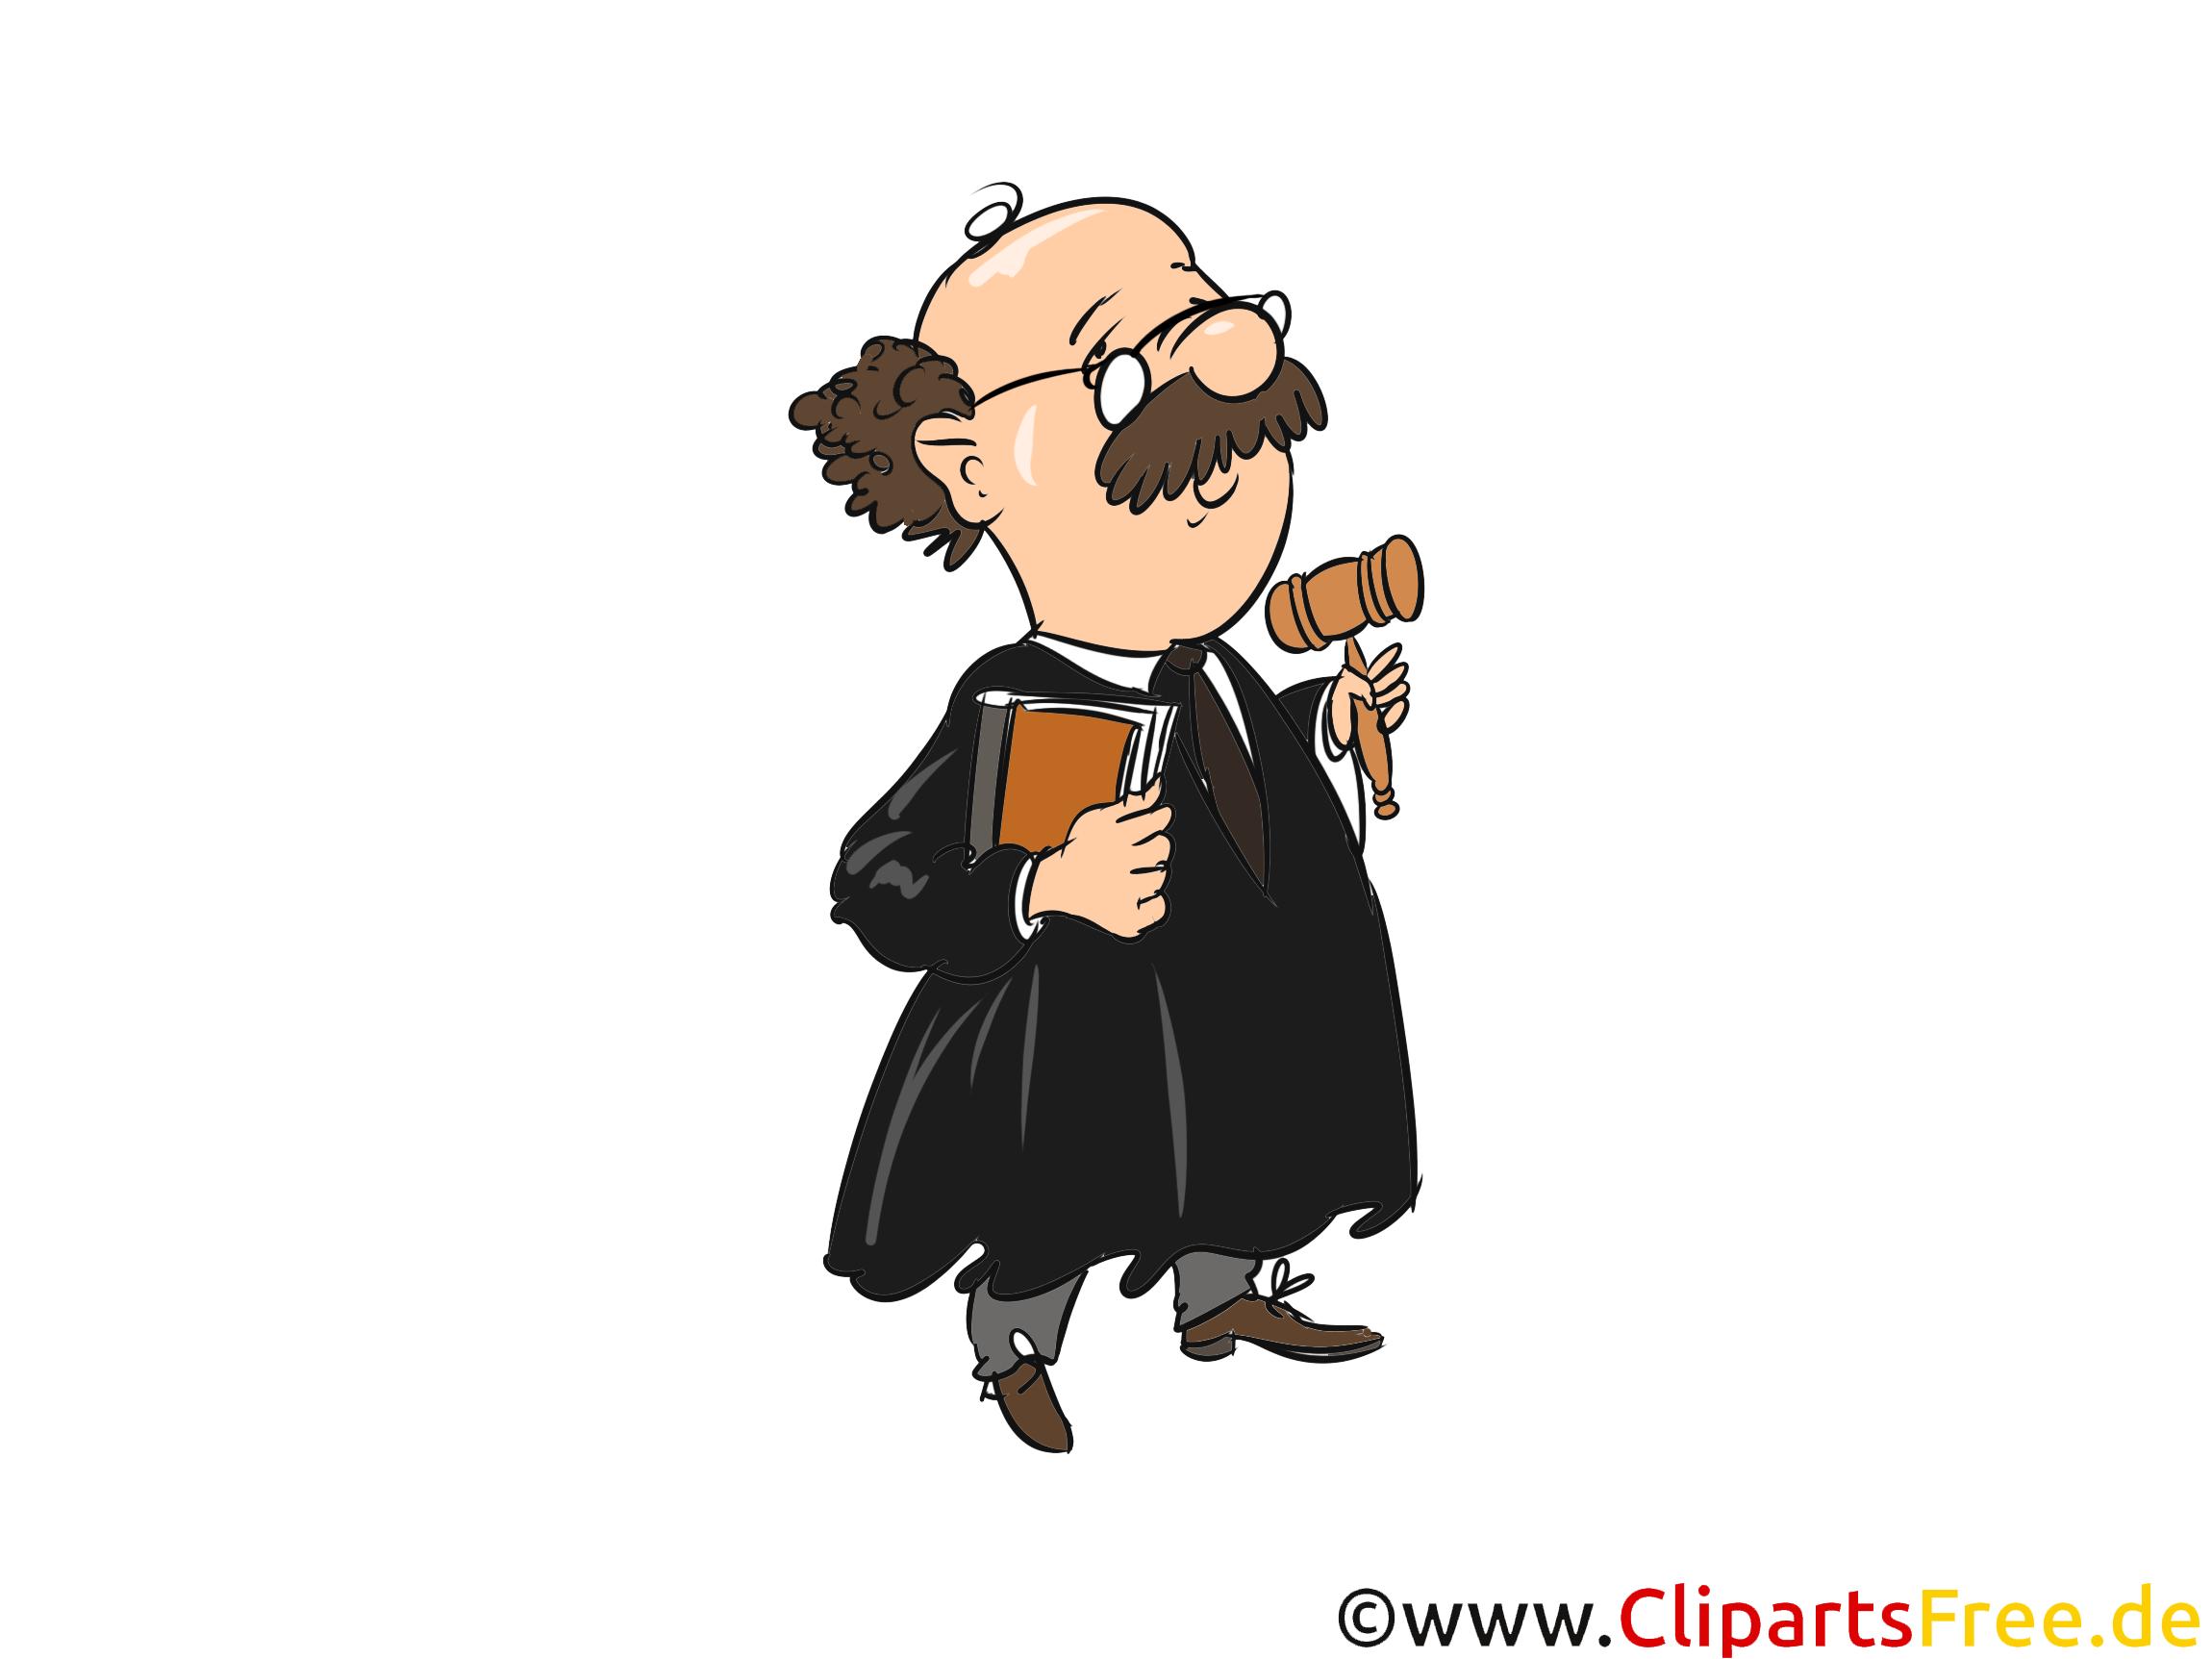 Richter Grafik in Hochauflösung, Cliparts zum Thema Recht und Justiz